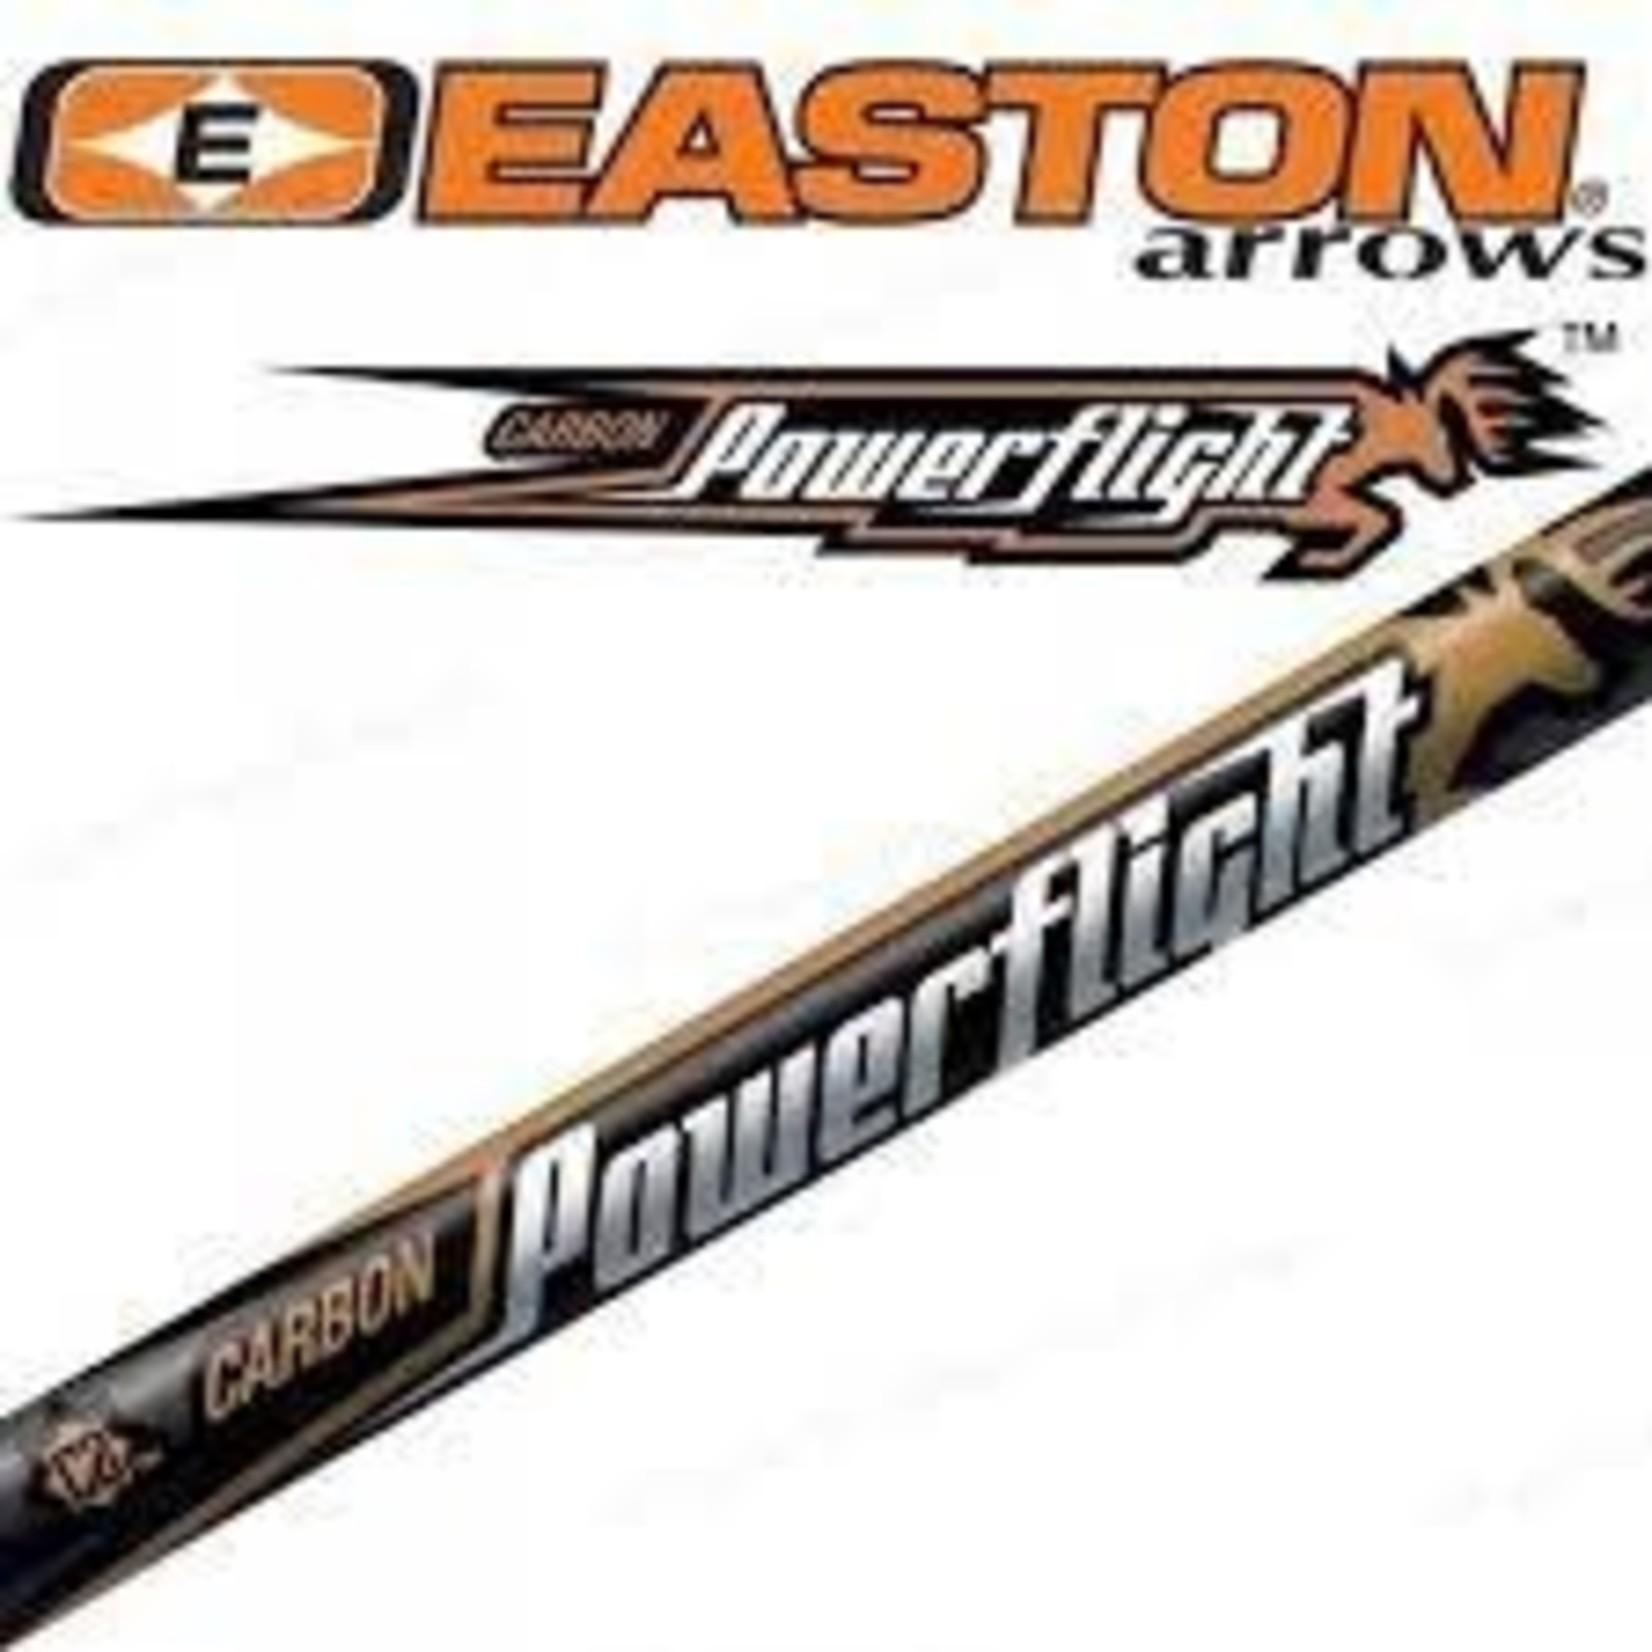 Easton Easton Powerflight  Arrows 500 (1/2 doz)